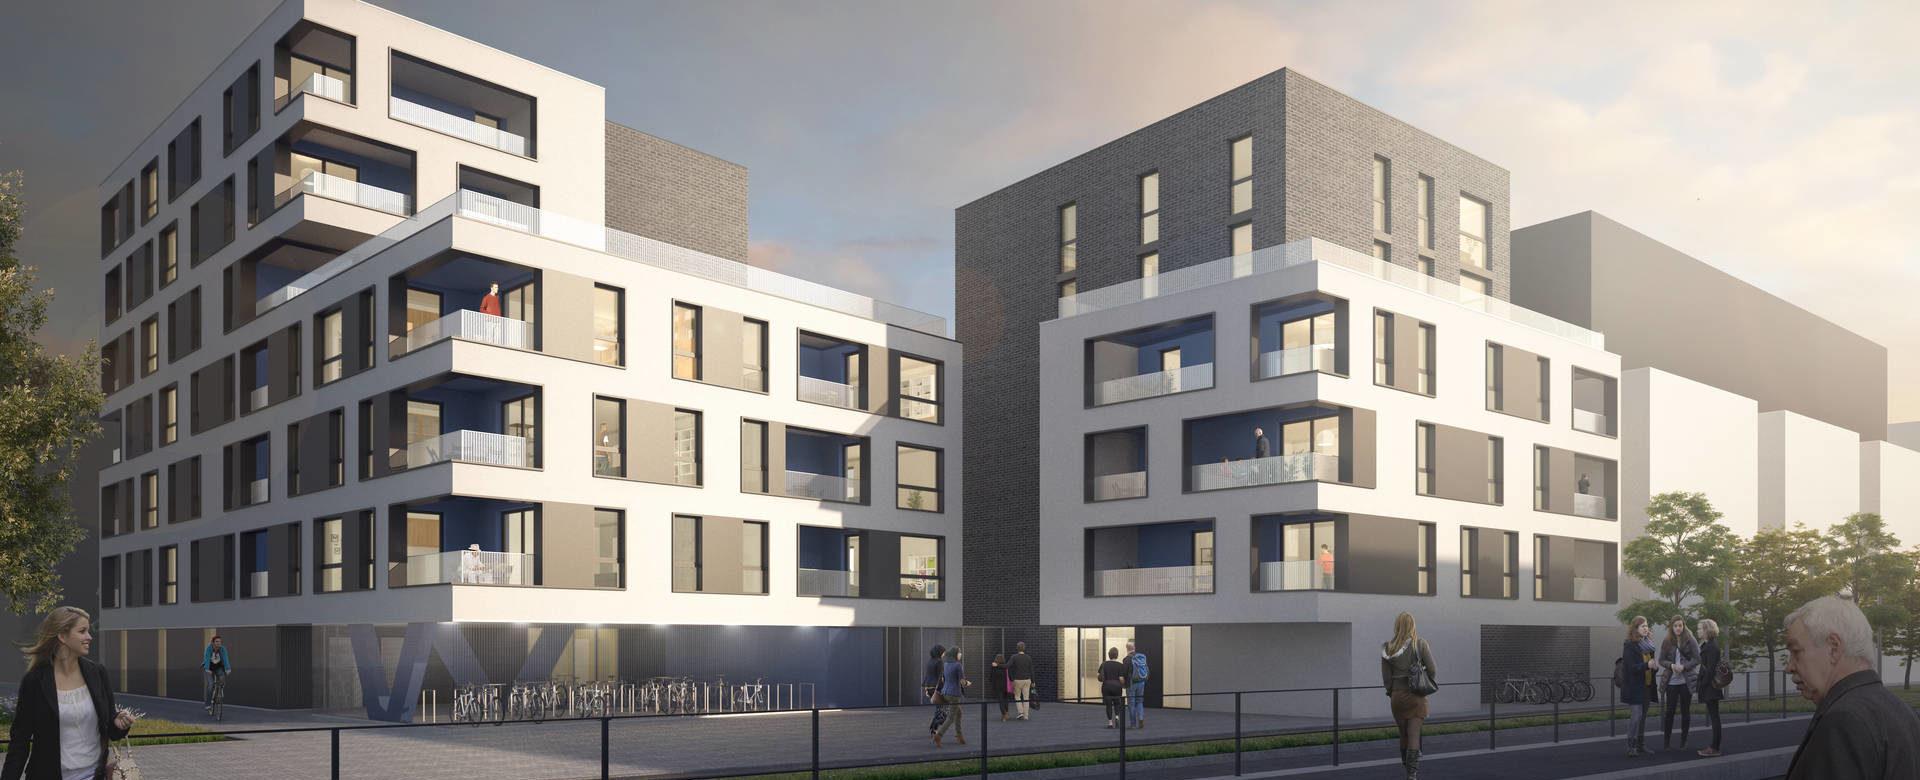 lauréat du concours pour la réalisation de 40 logements à Strasbourg